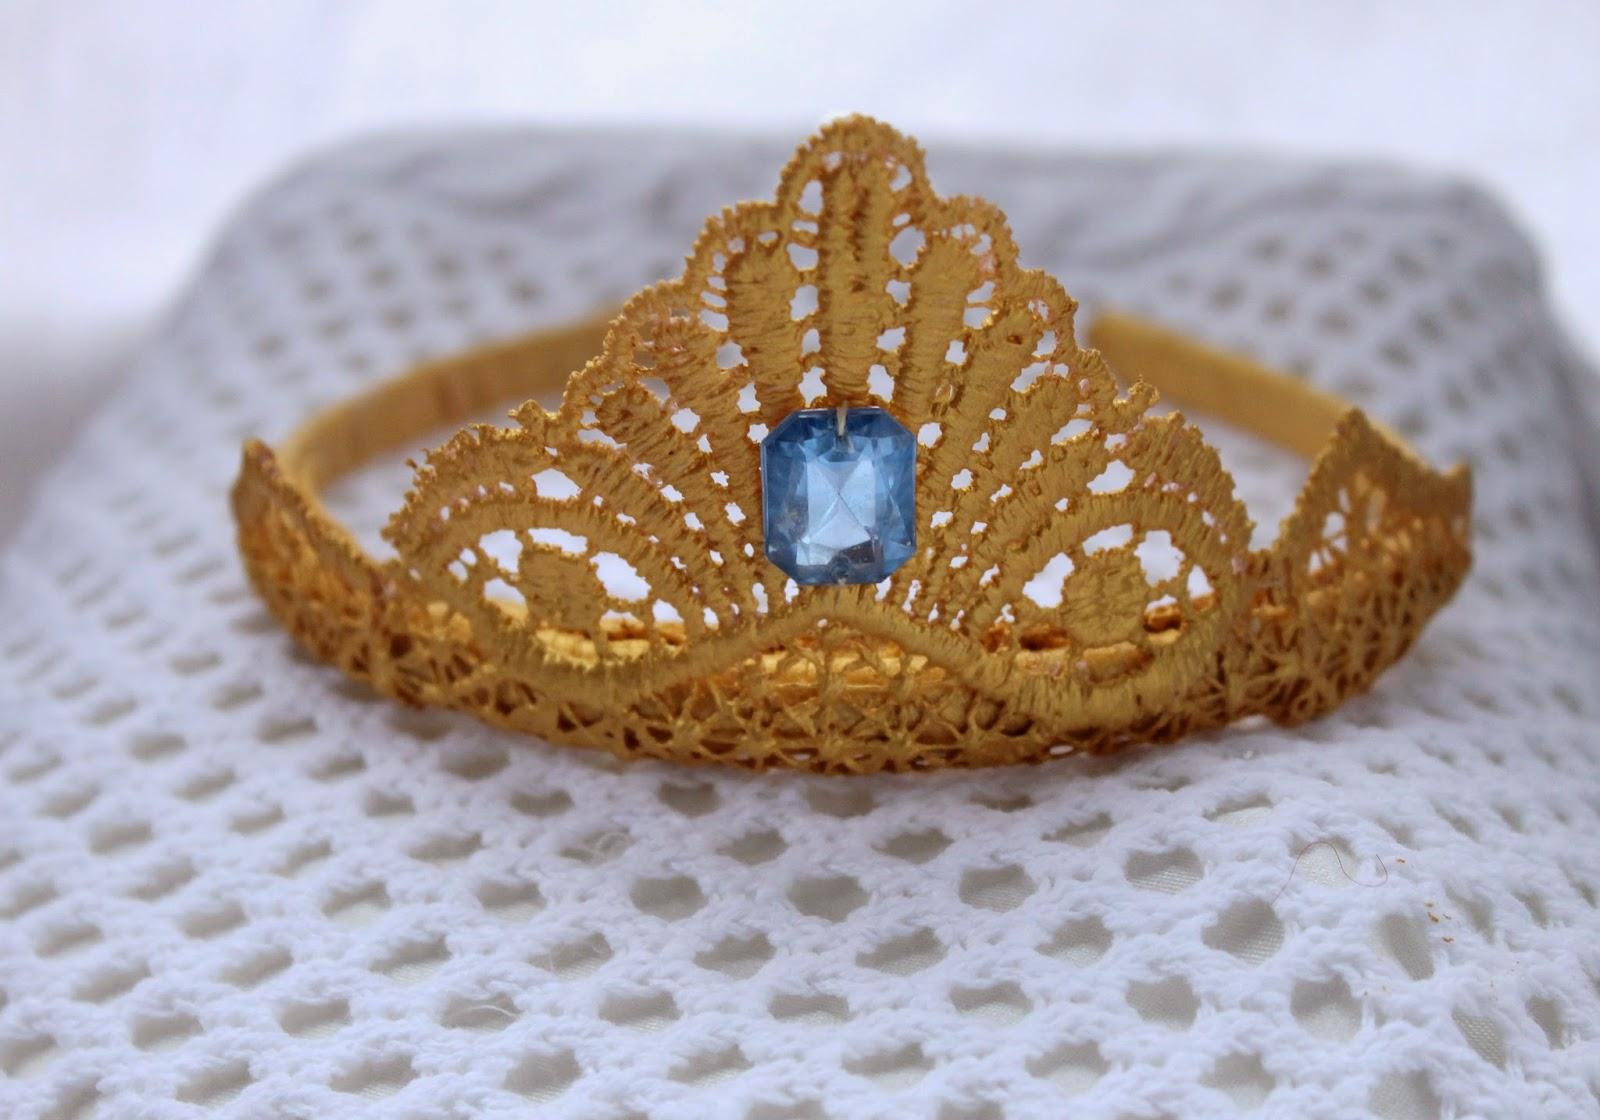 корона, Эльза, Холодное сердце, корона из кружева, корона для девочки на Новый год, новогодняя корона